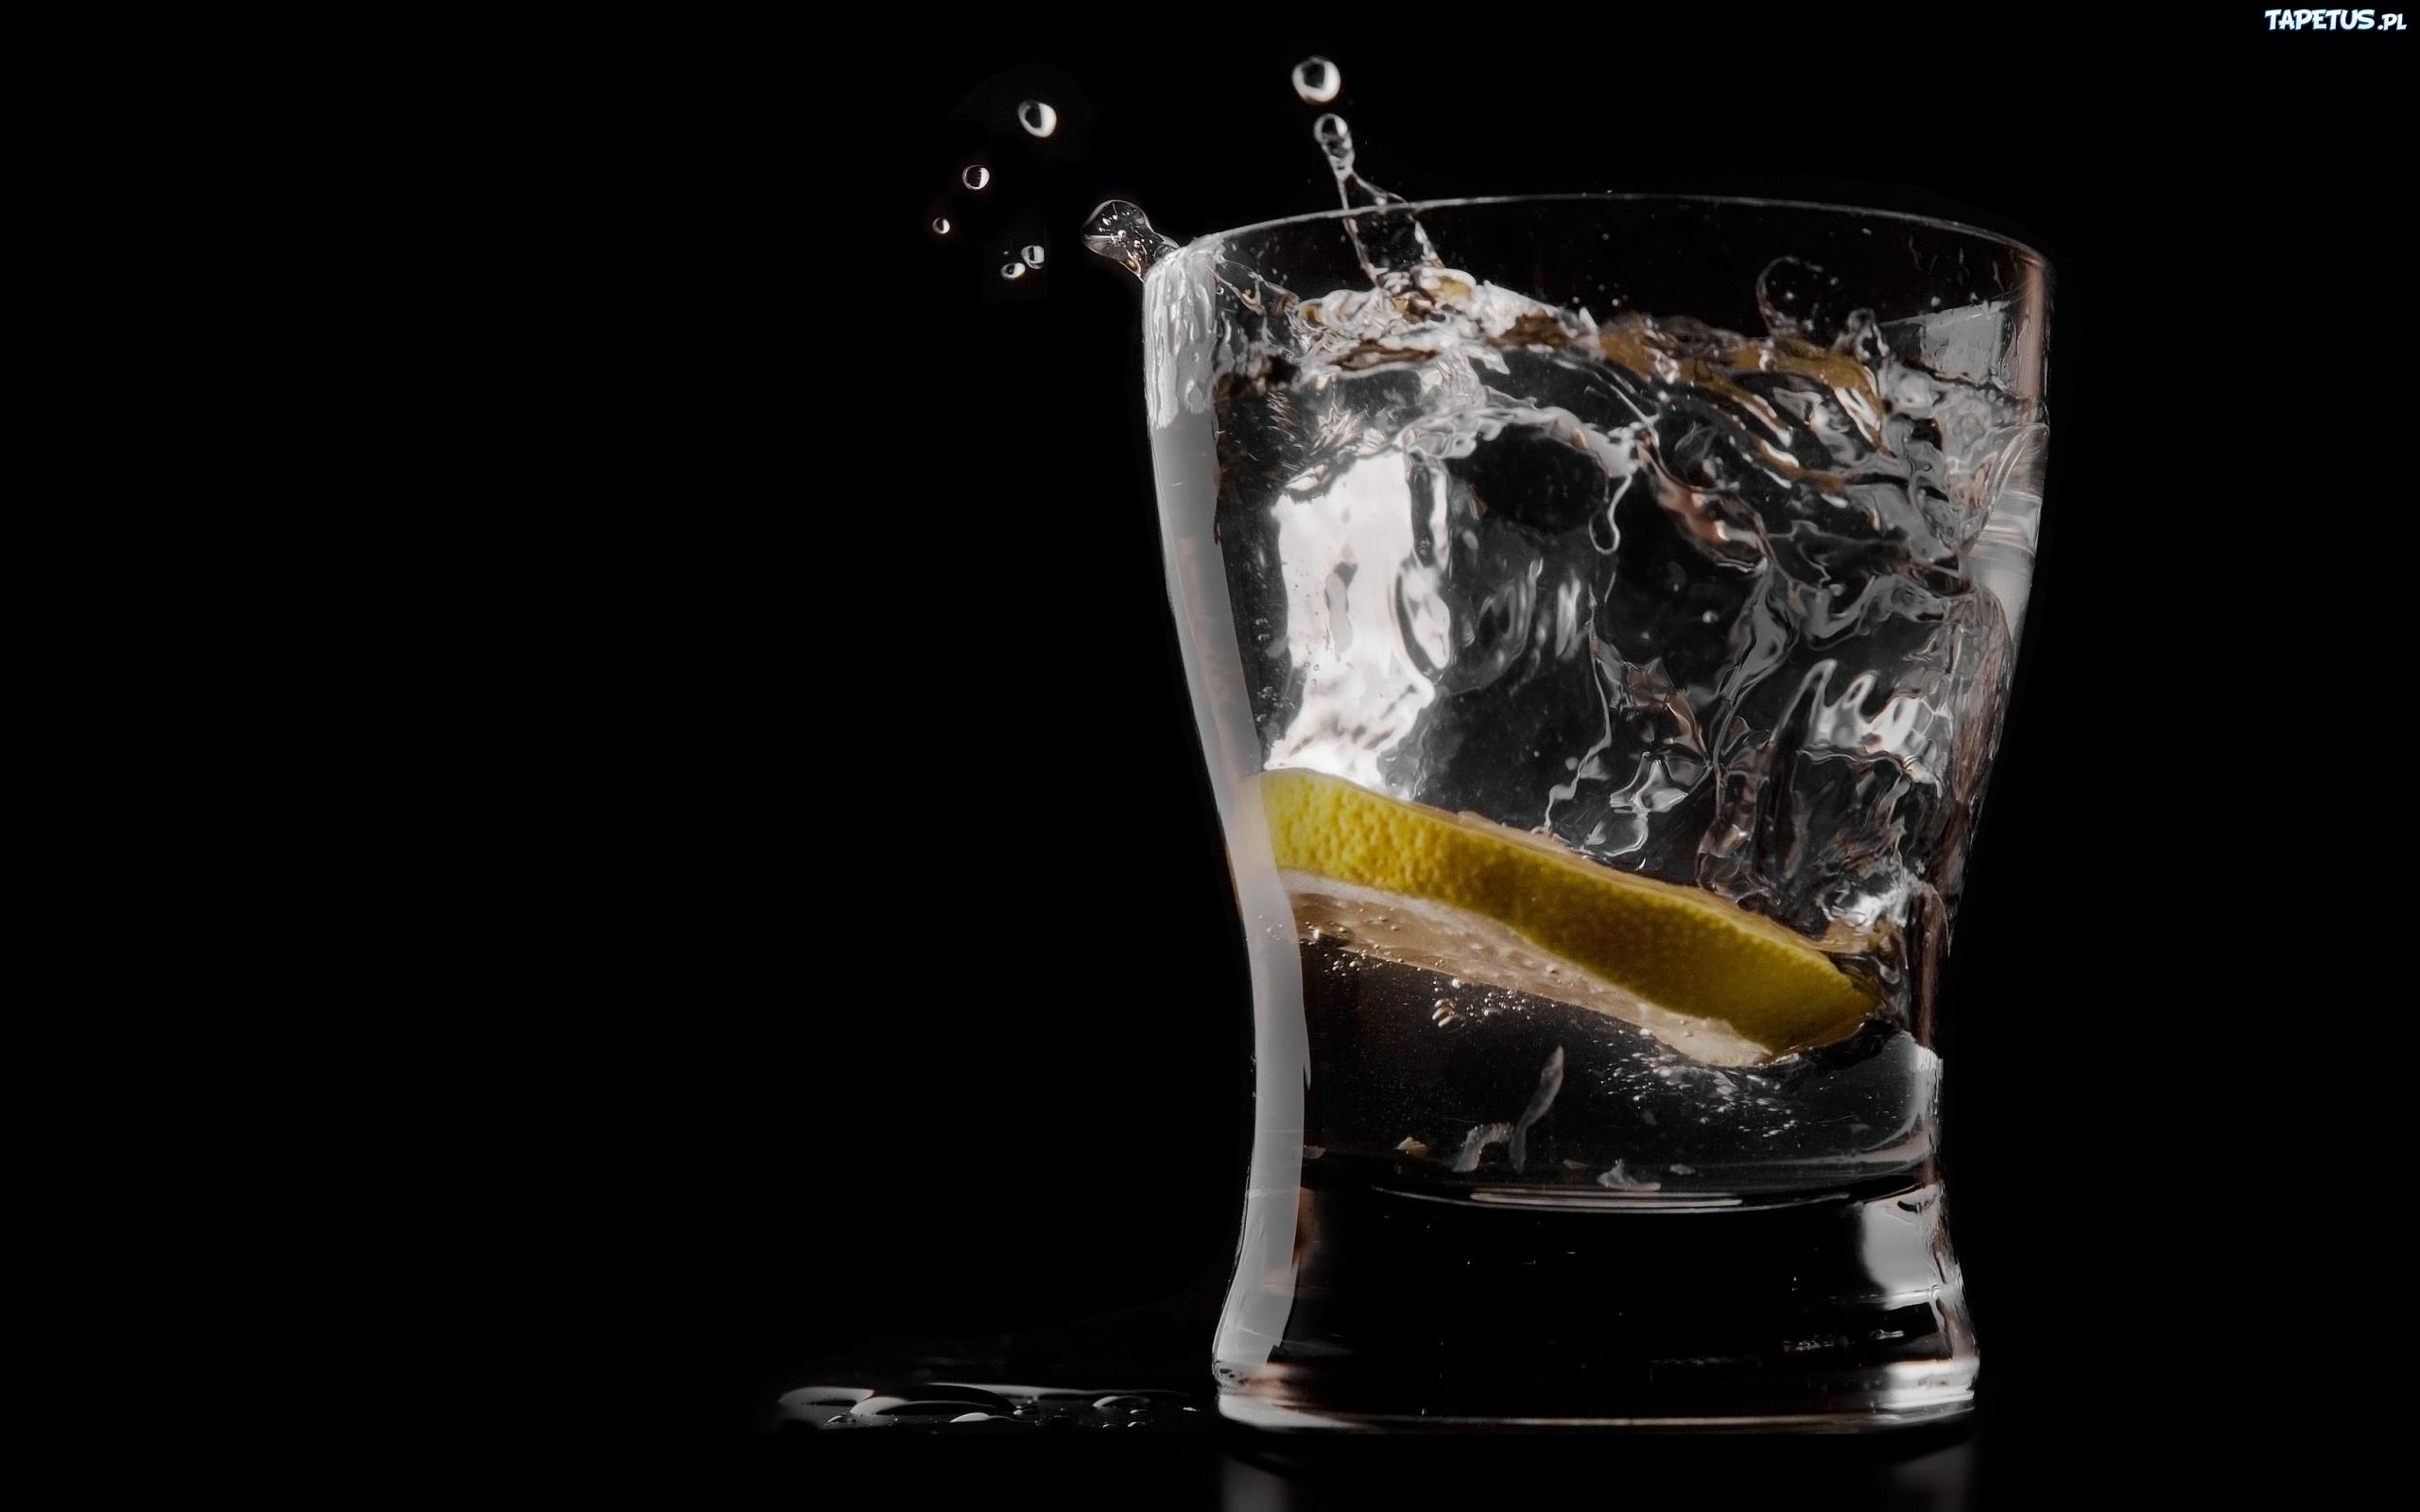 Пес водка и бокал  № 3803448 бесплатно